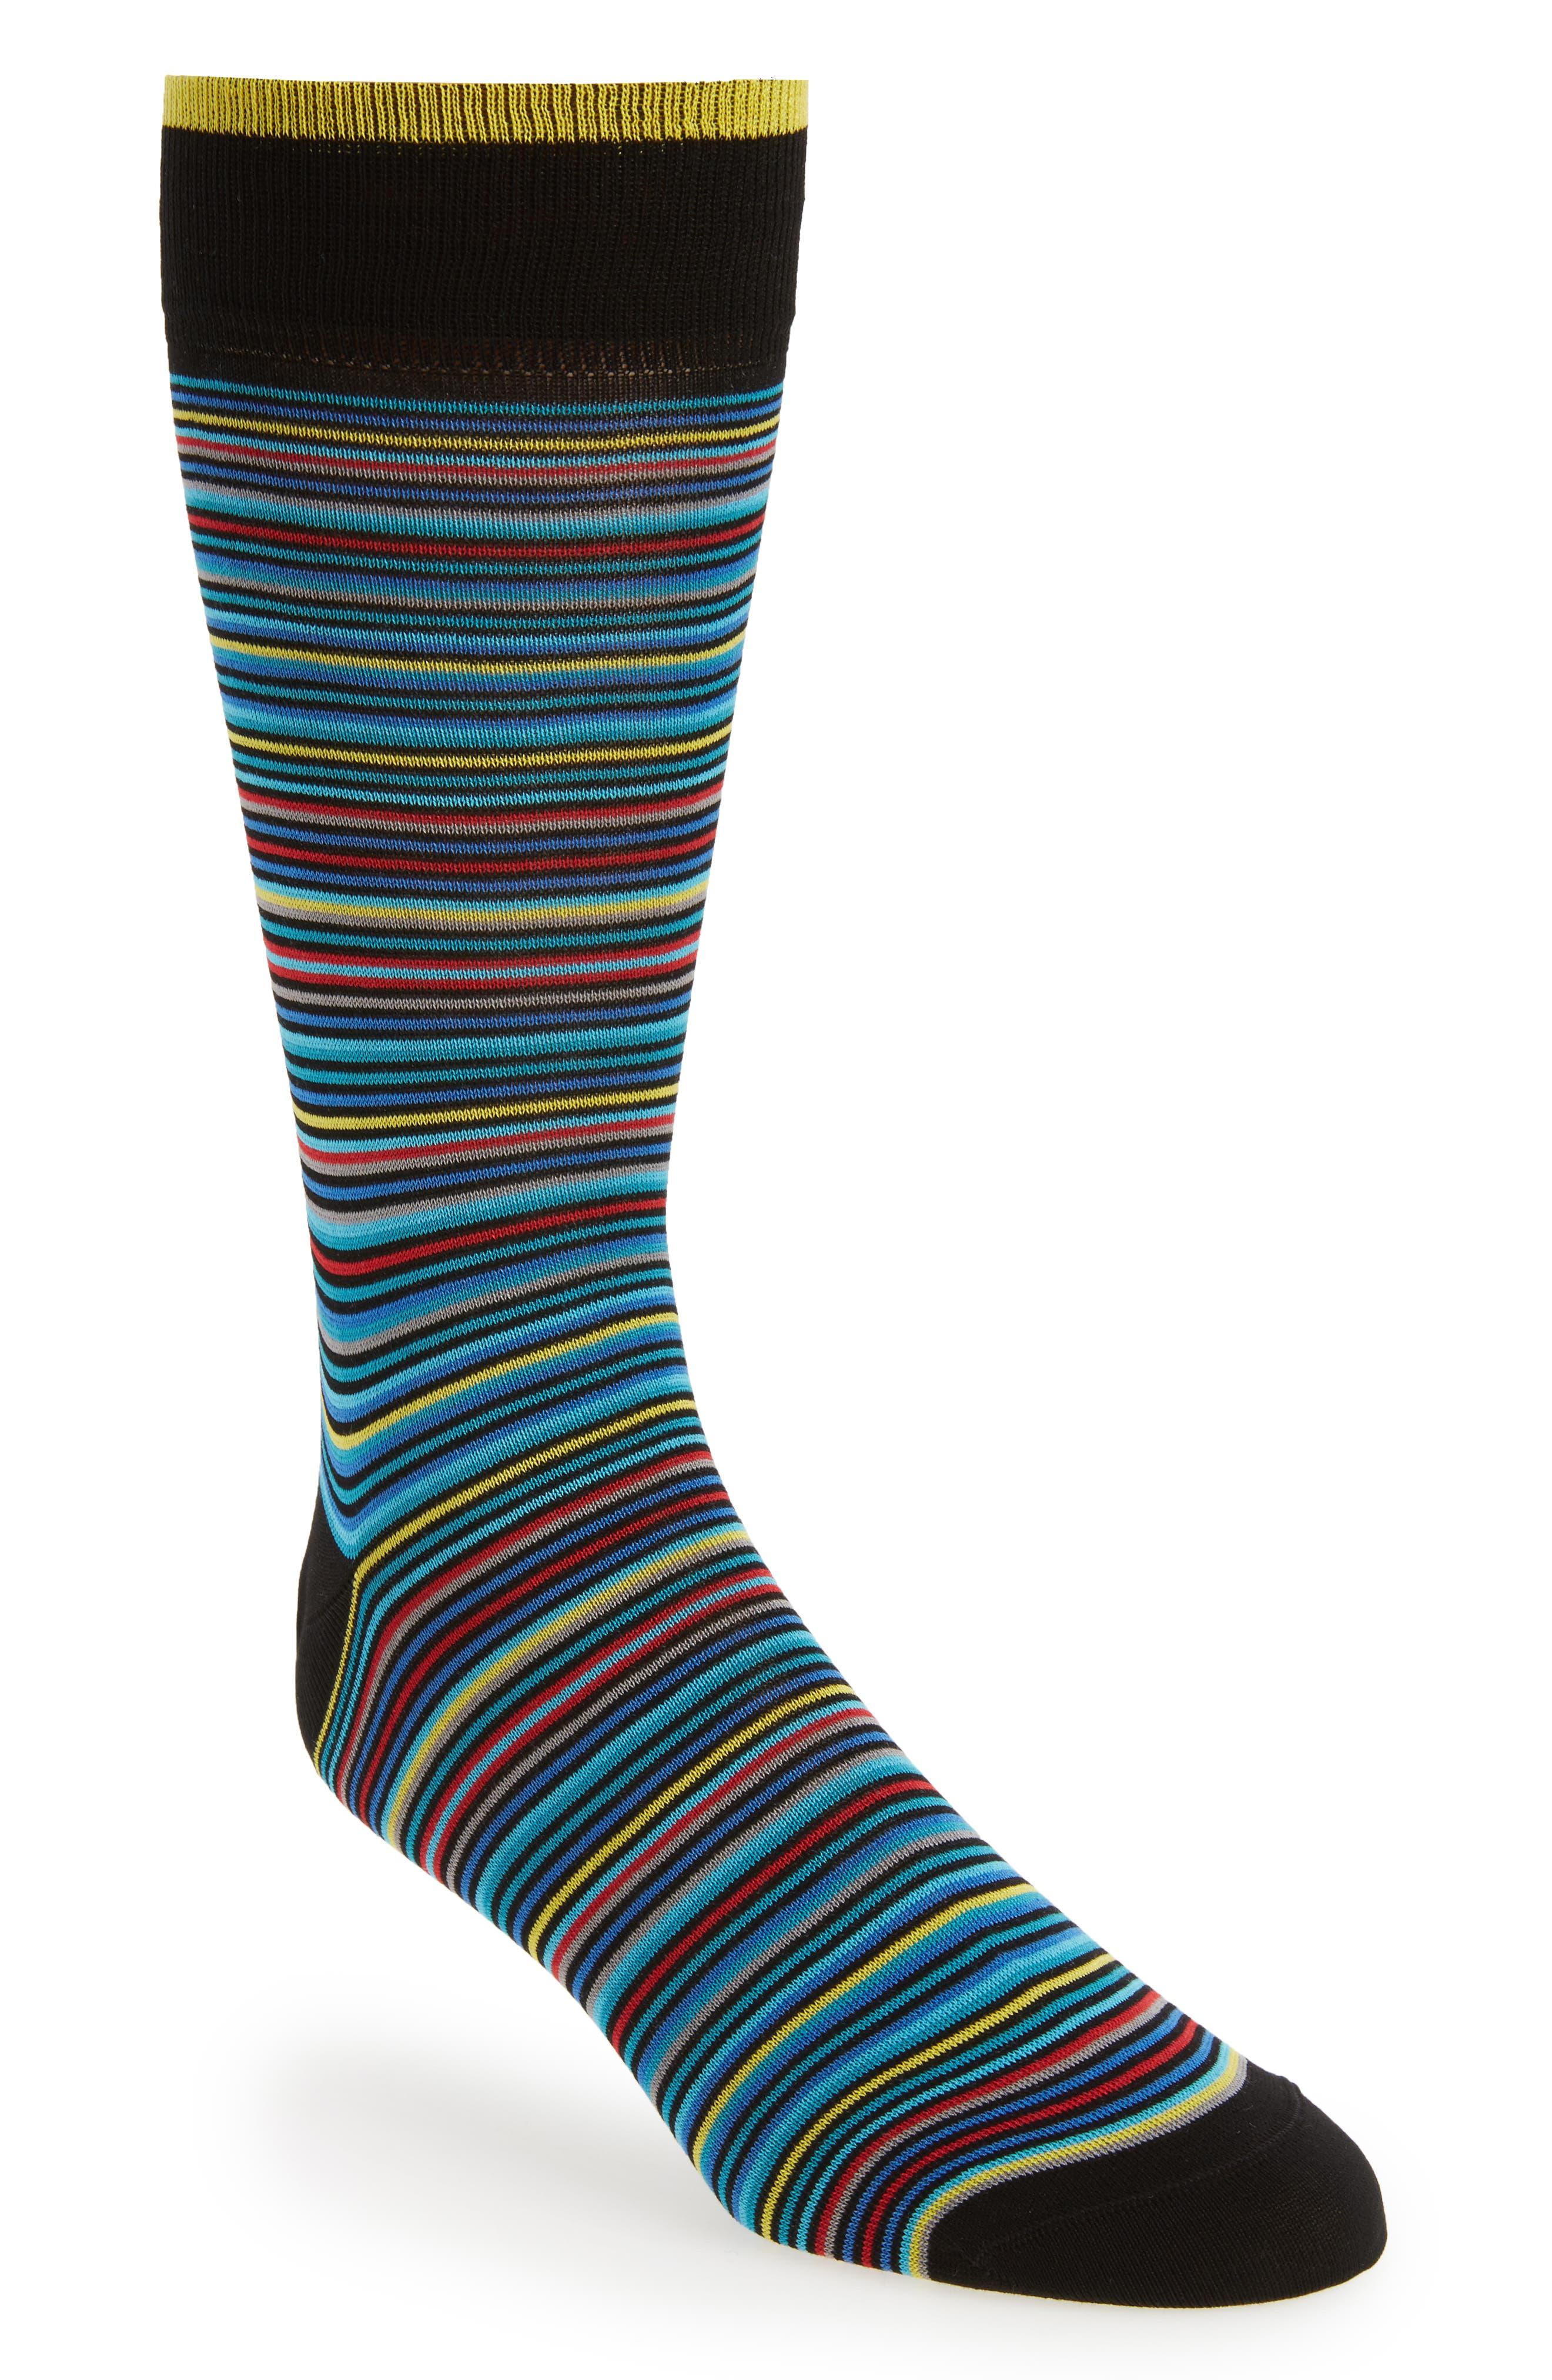 Stripe Crew Socks,                         Main,                         color, Black Multi